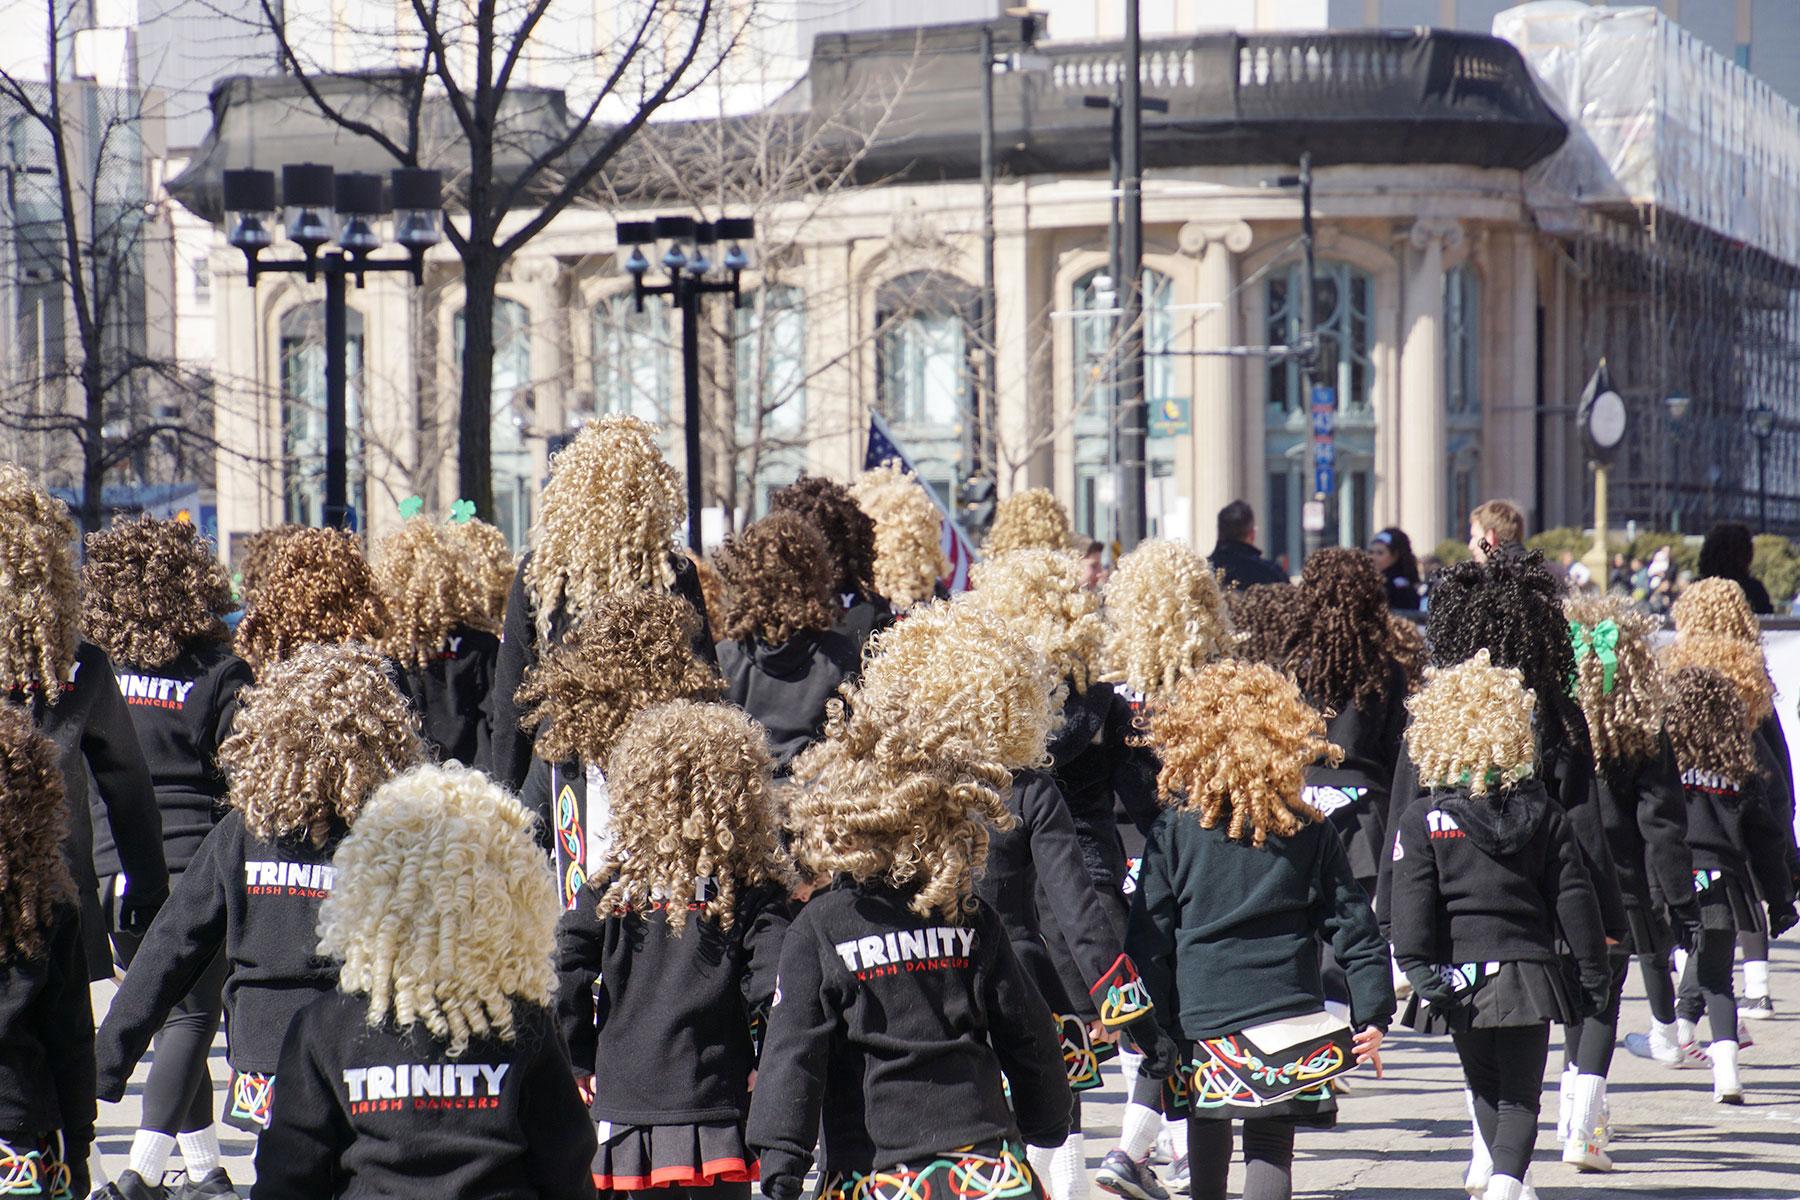 031018_stpatricksdayparade52_1792